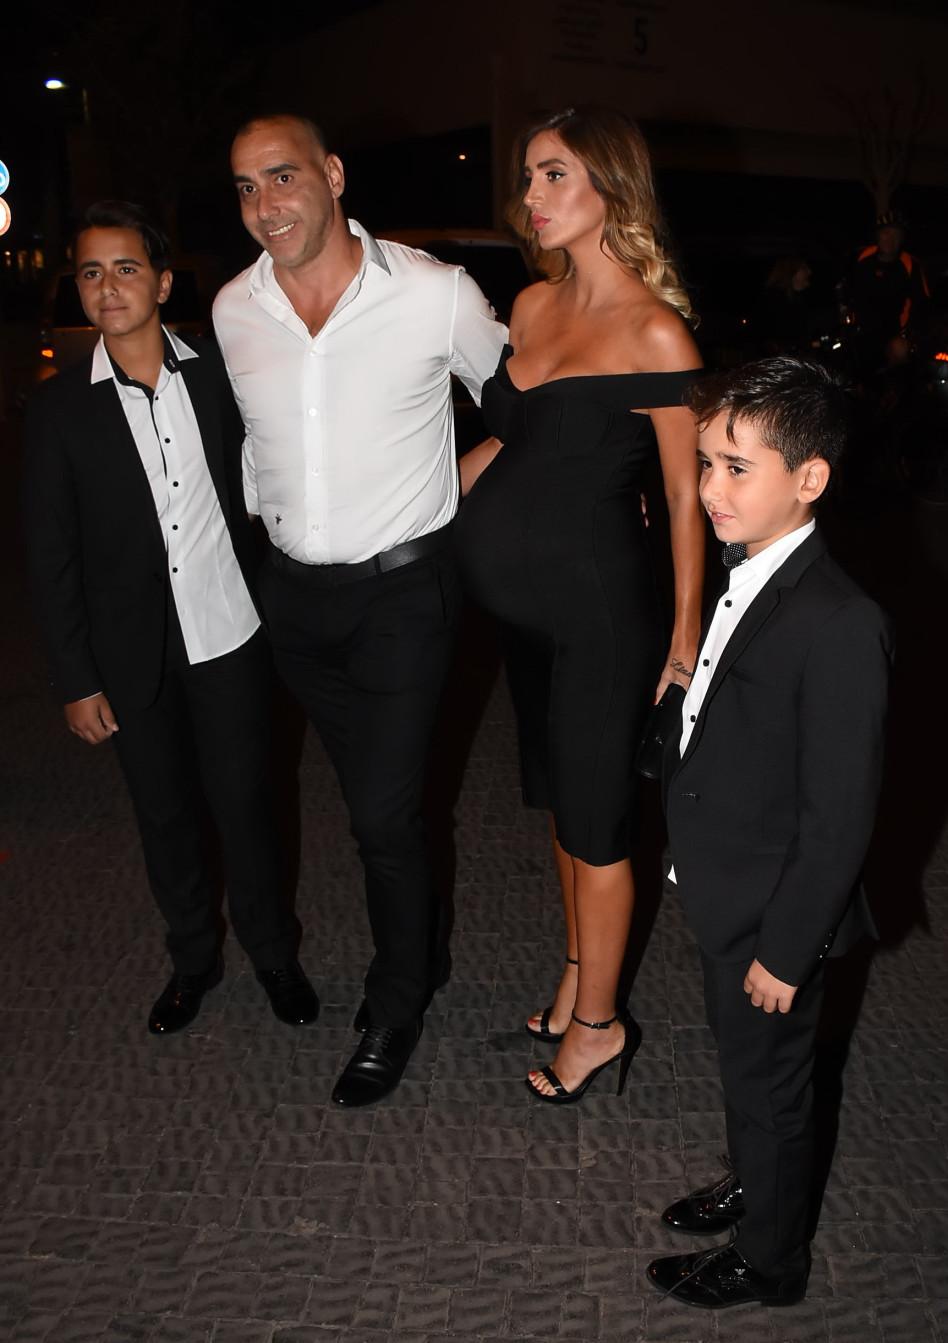 לירון בסיס והמשפחה וחצי שלו